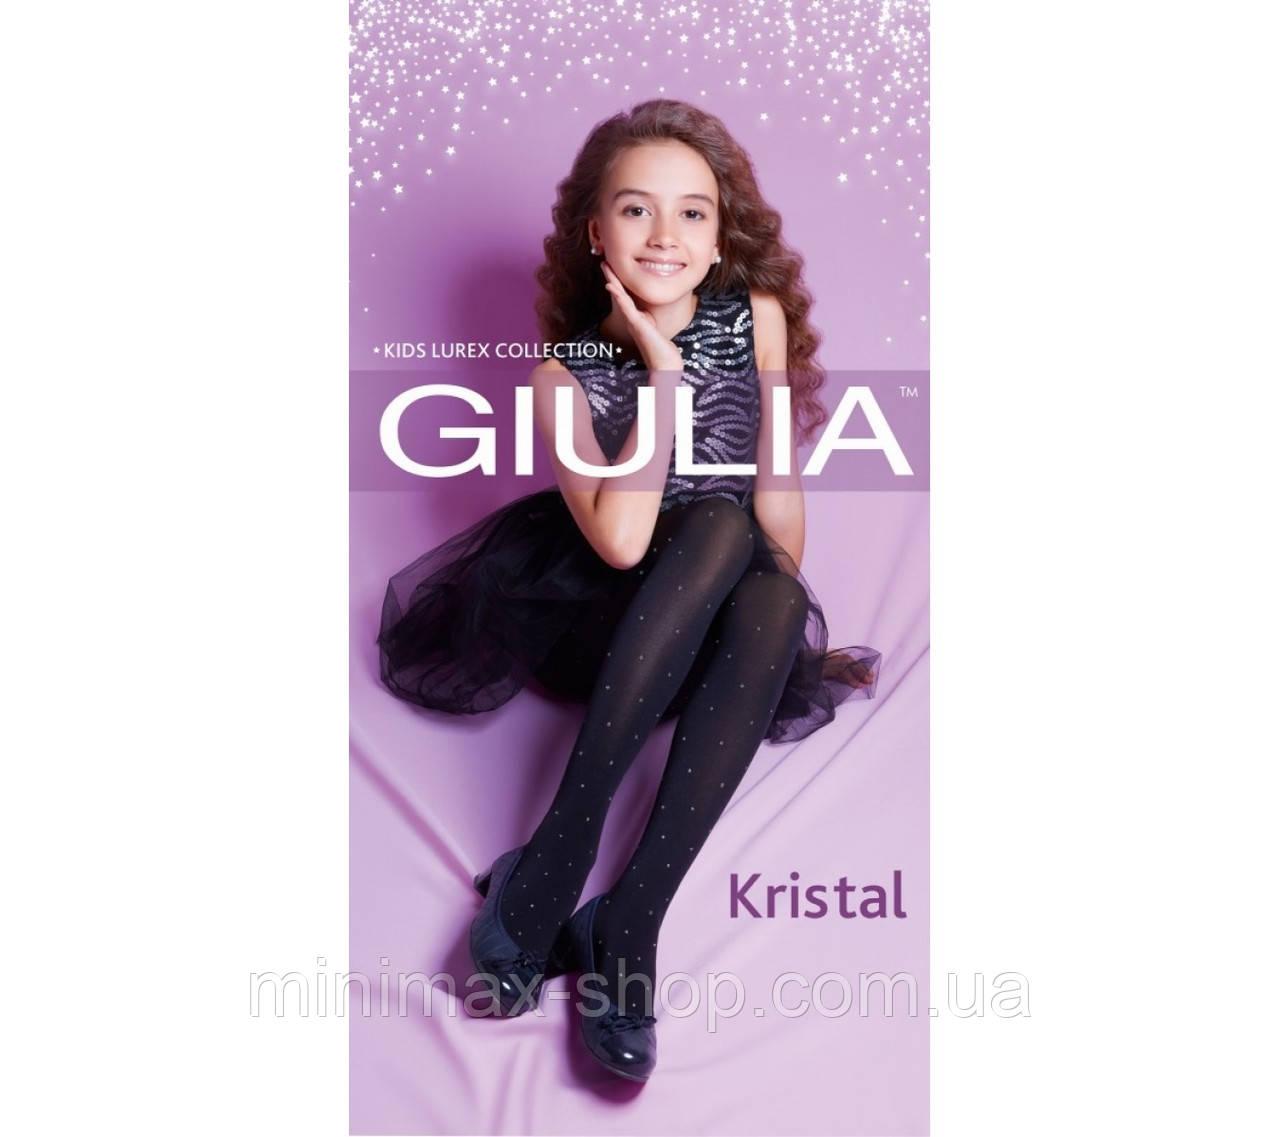 Колготки детские Джулия Kristal 70, модель